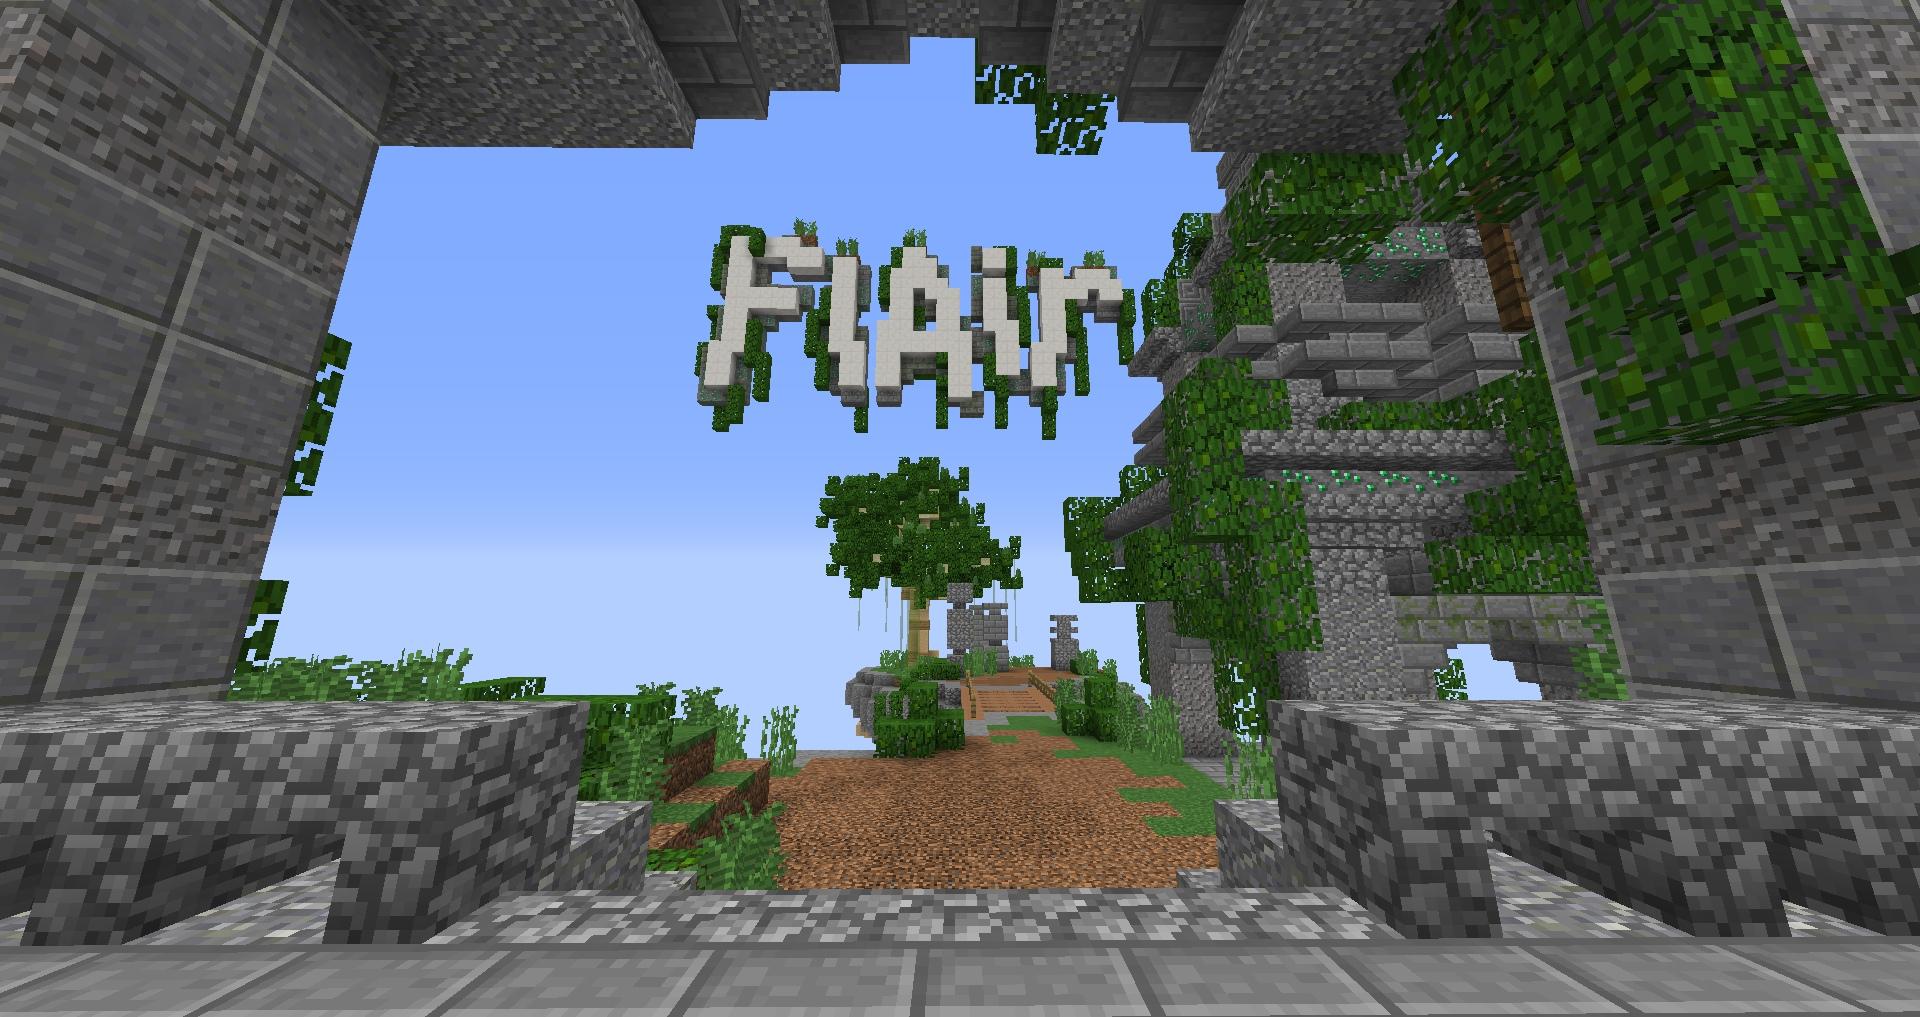 ftyX62aWXS0.jpg